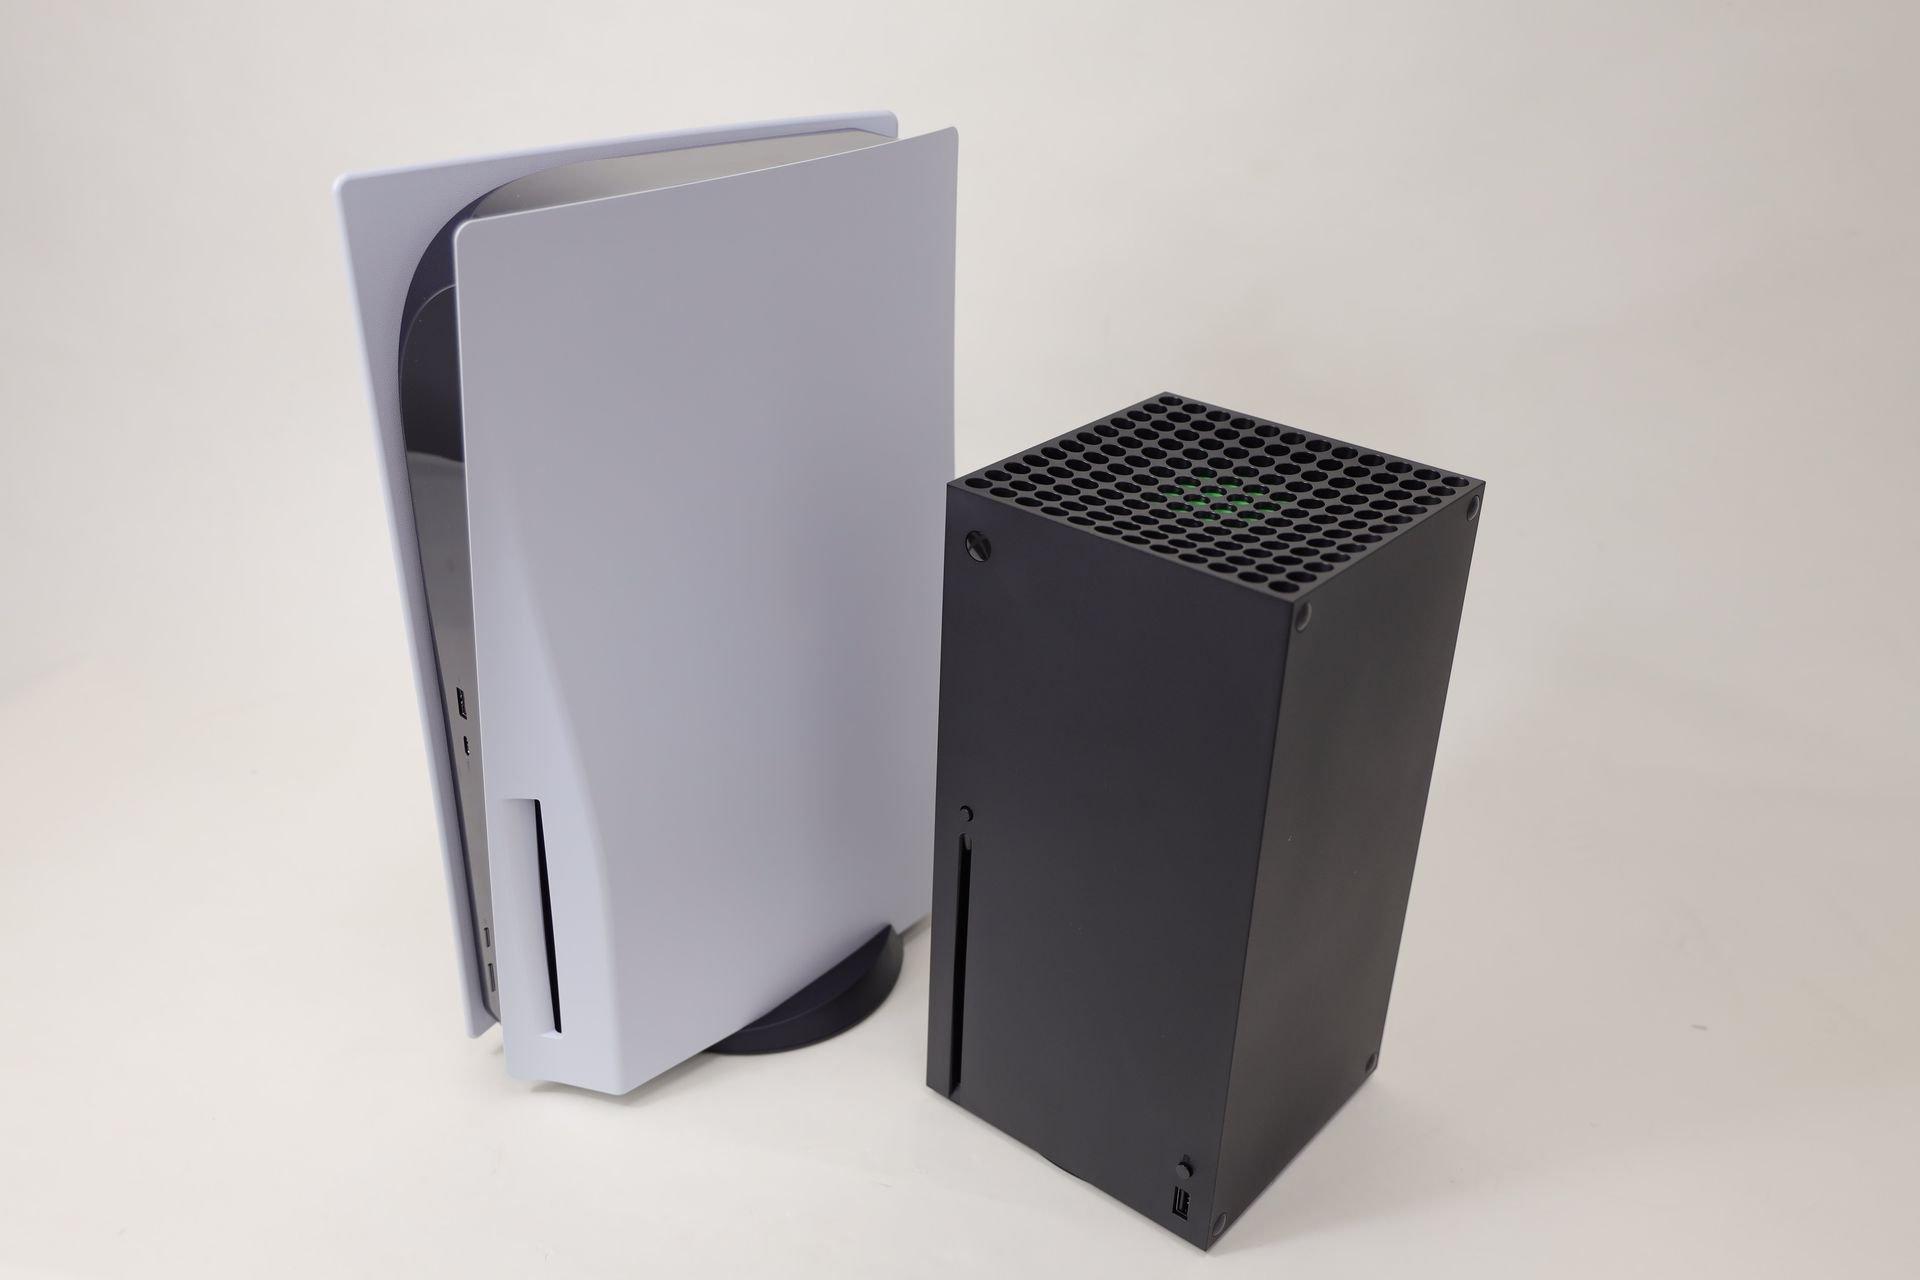 【注意喚起】PS5やXbox Series X|Sの転売品、製品保証を受けられなくなる恐れ - GAME Watch